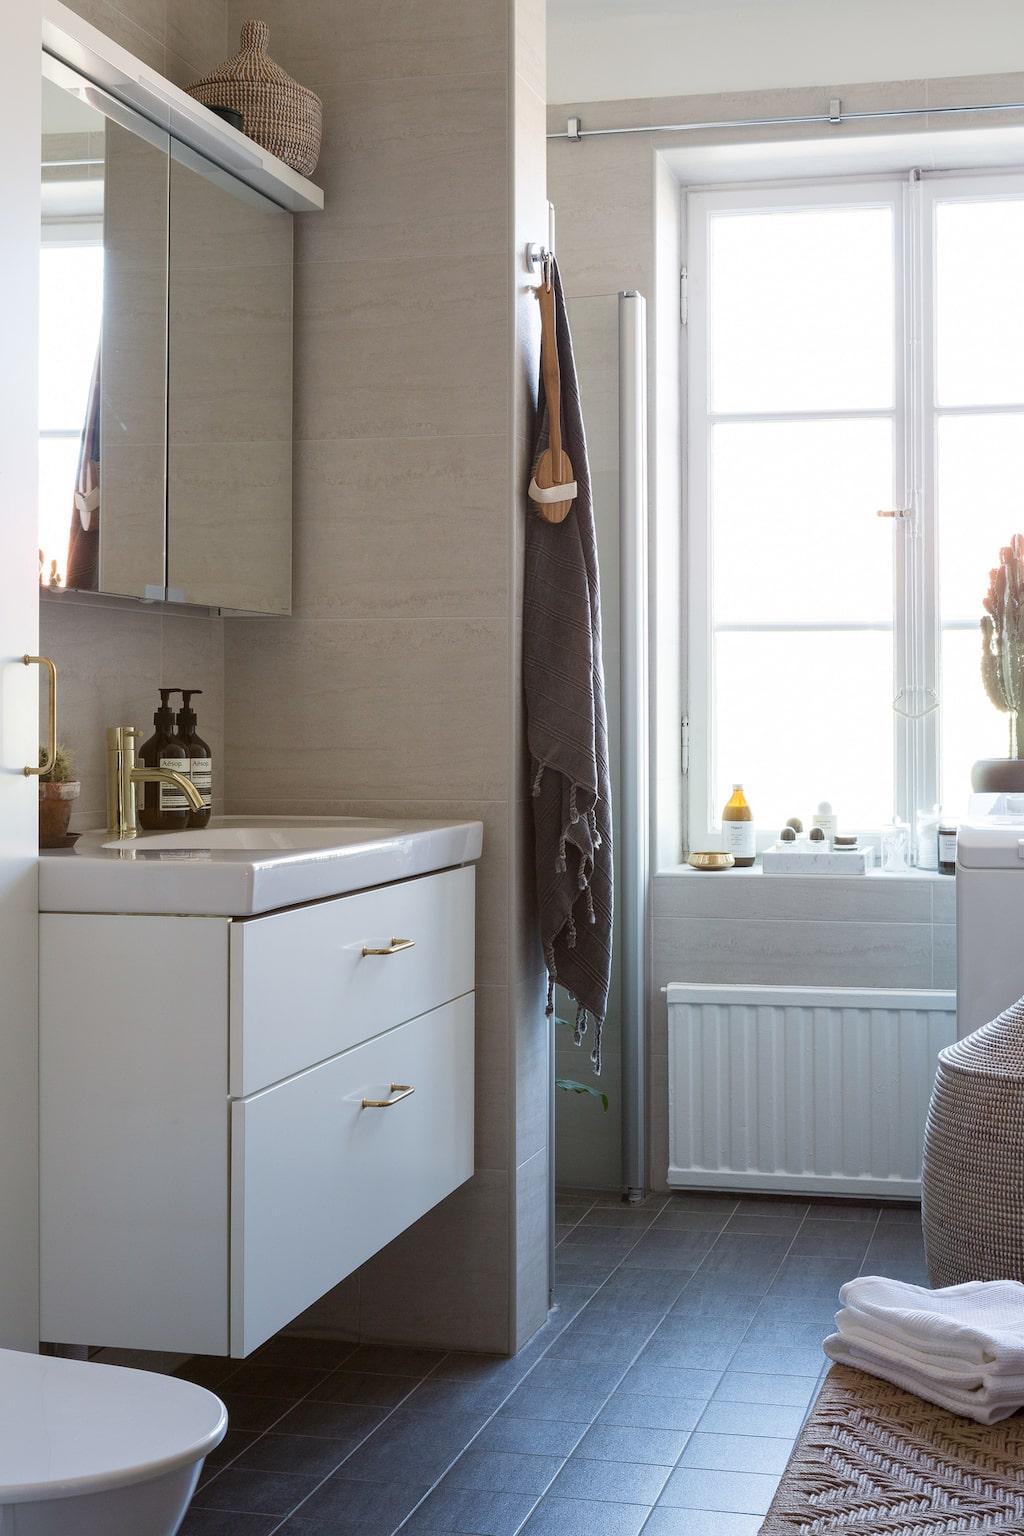 I badrummet, som paret behållit som tidigare ägare renoverat det, har de bytt till beslag från Byggfabriken och blandare från Nivito. Hamamhandduk, COSA home stories. Marmorbricka i fönstret, Hay.